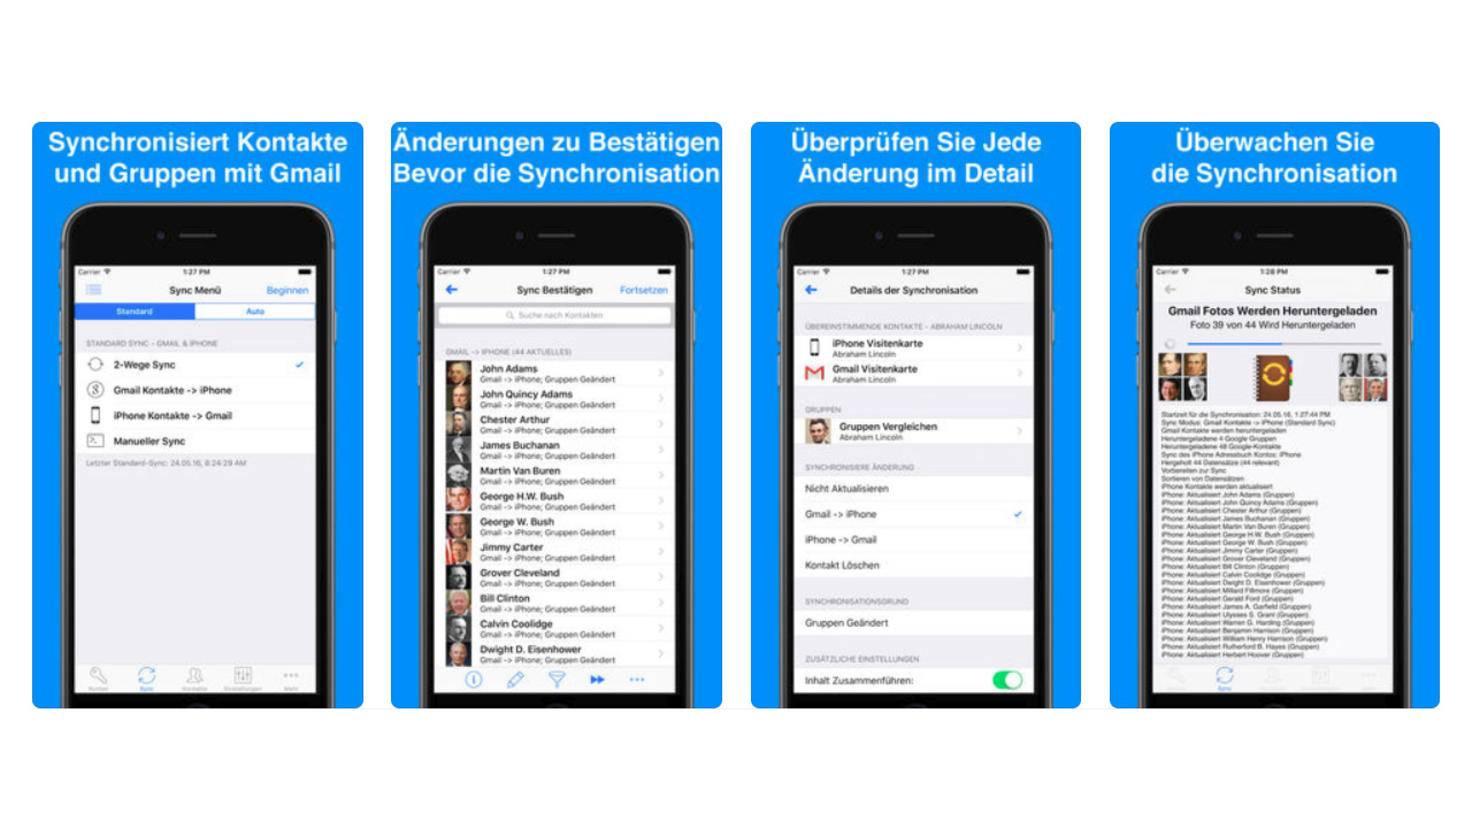 Kontakte Sync für Google Mail